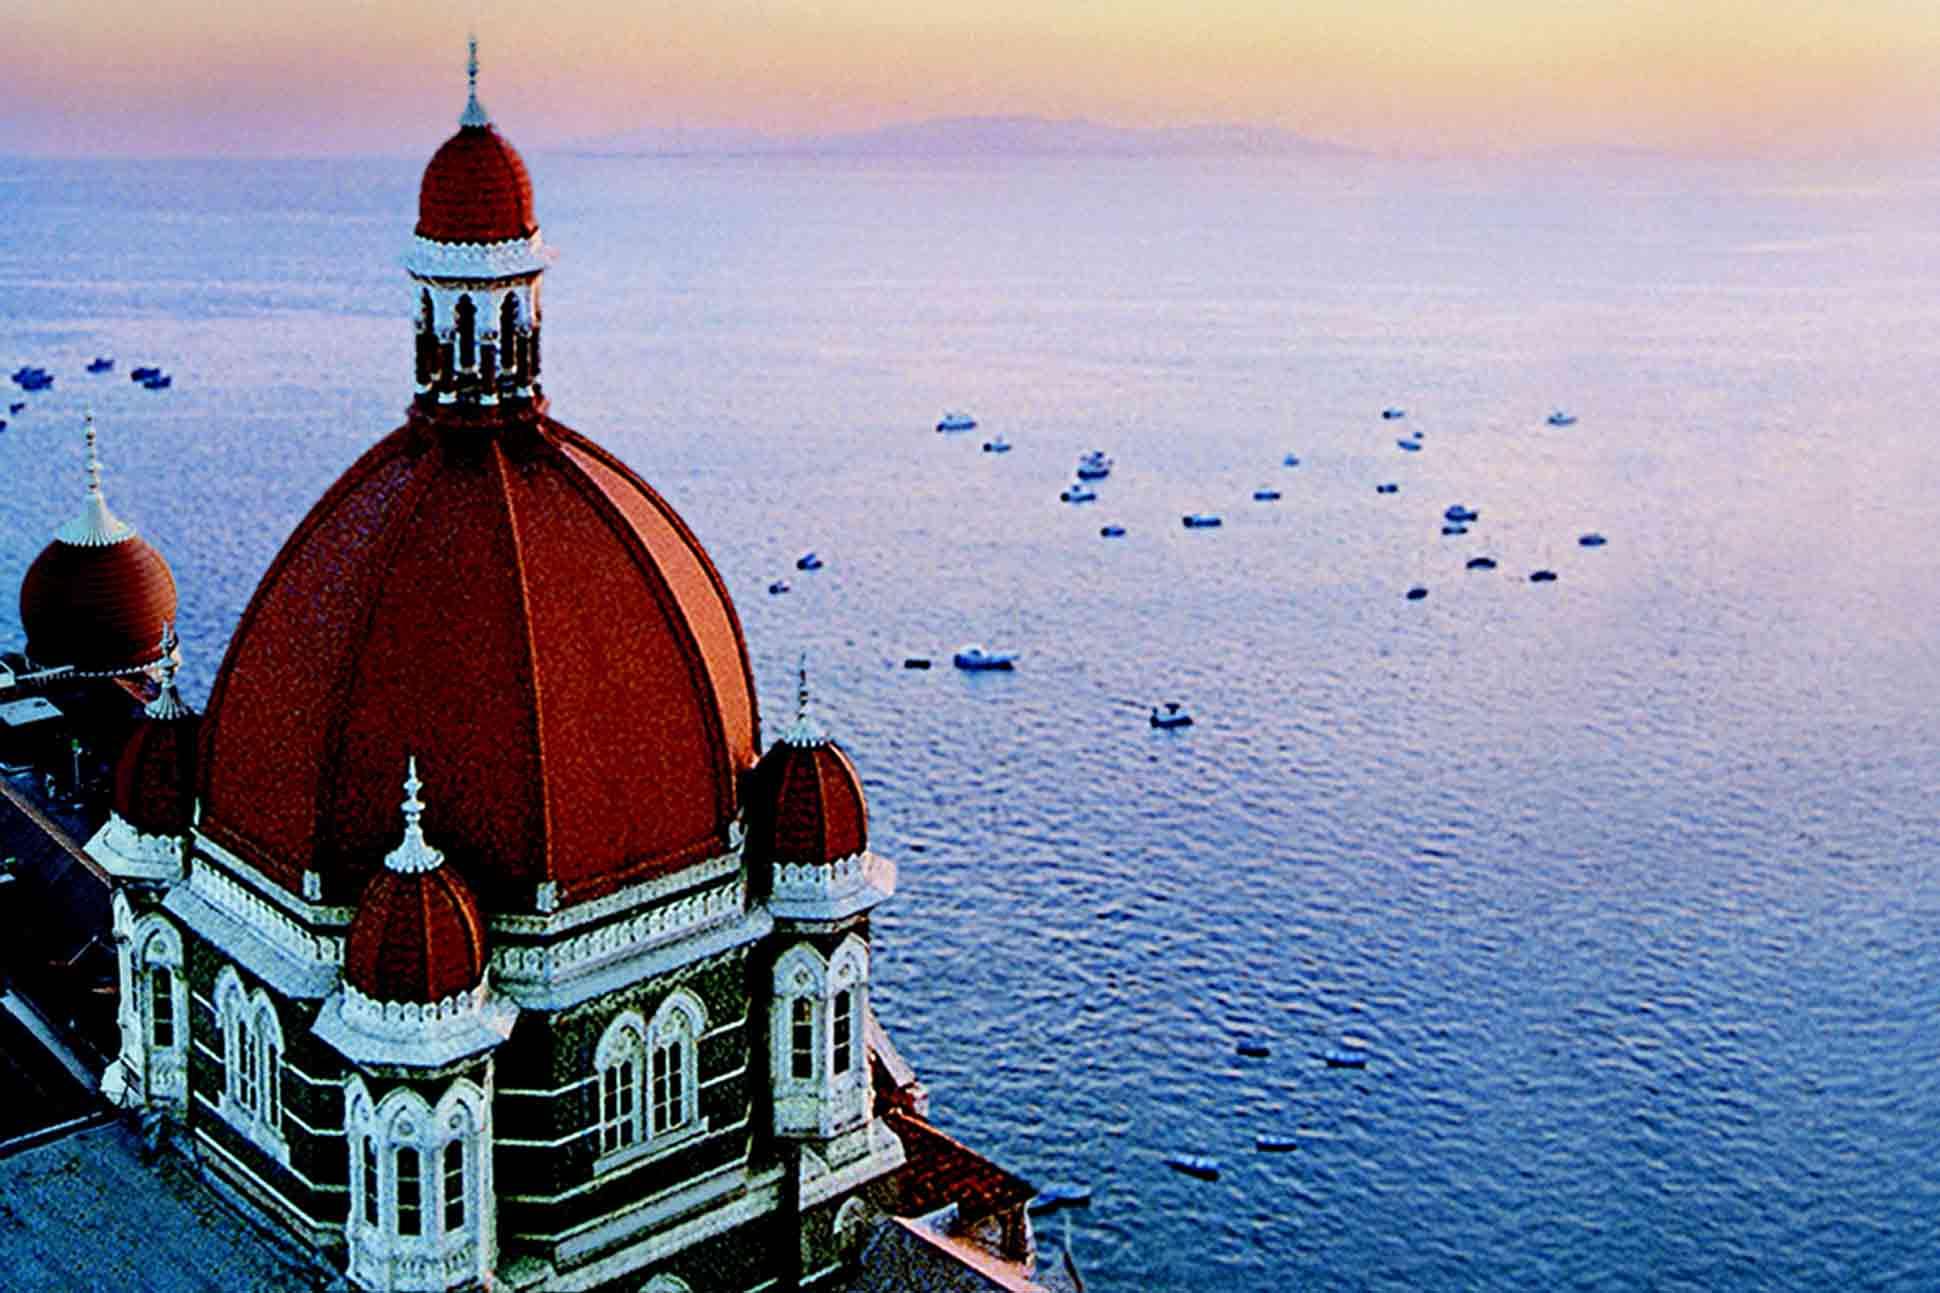 Taj Mahal, Mumbai India